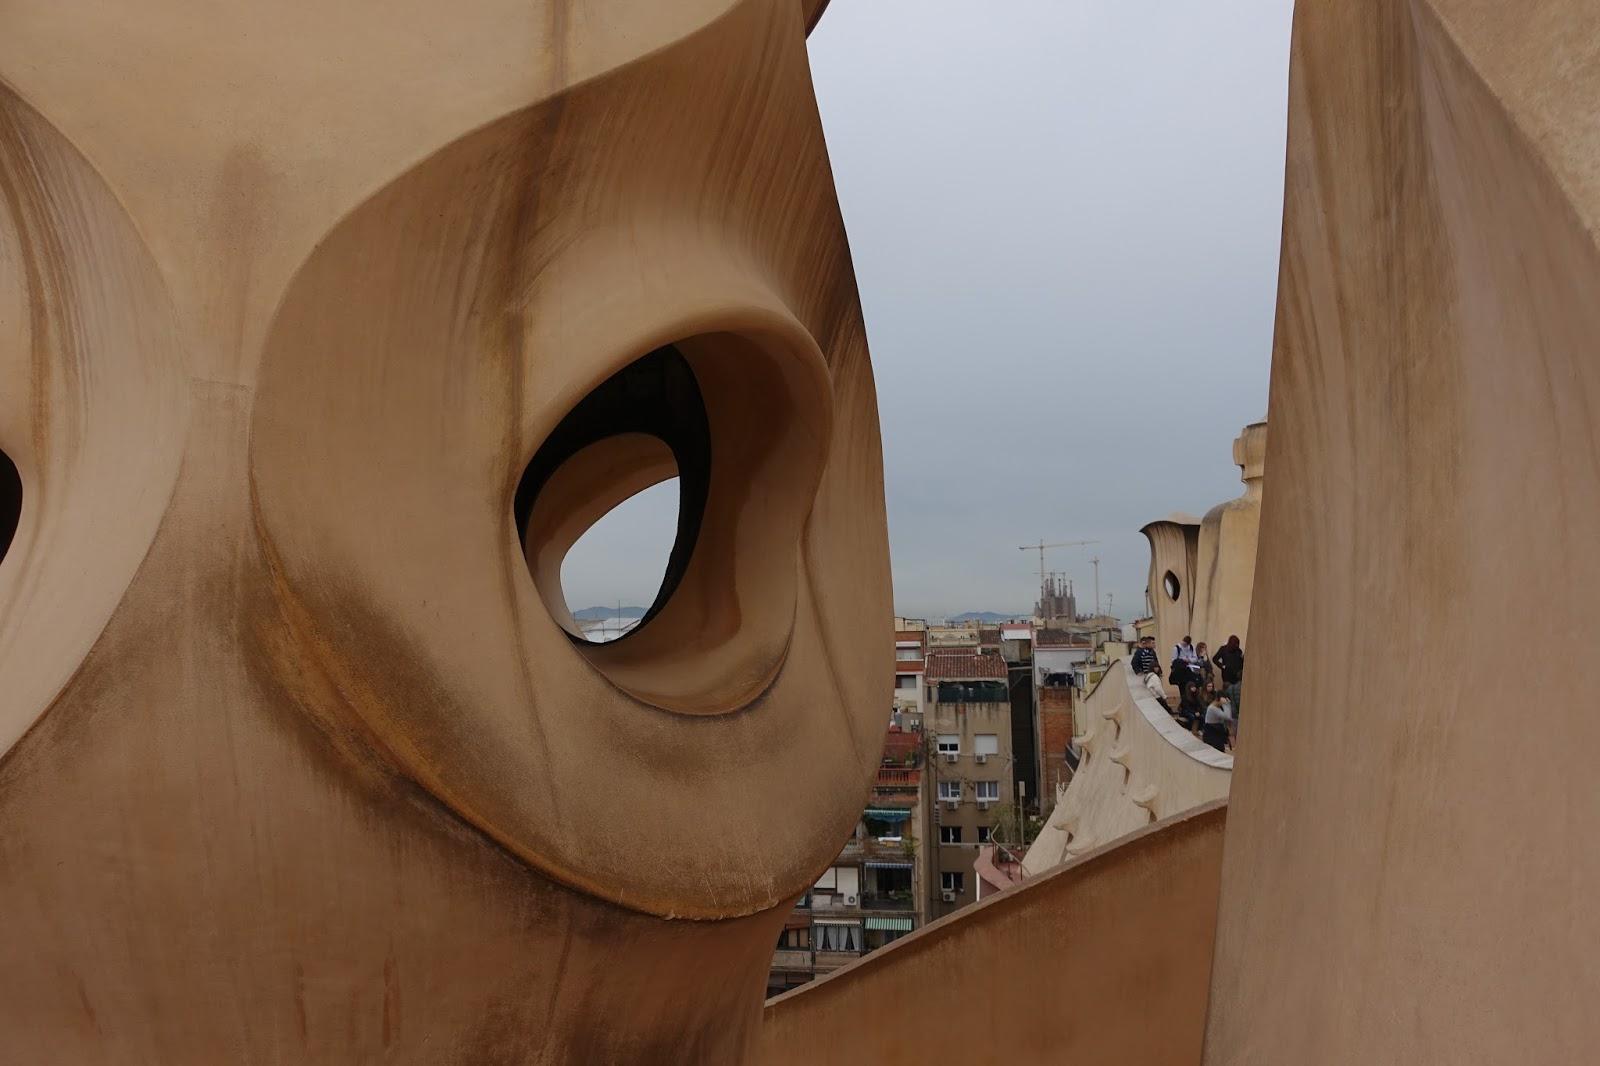 カサ・ミラ(Casa Milà) 屋上のオブジェ1